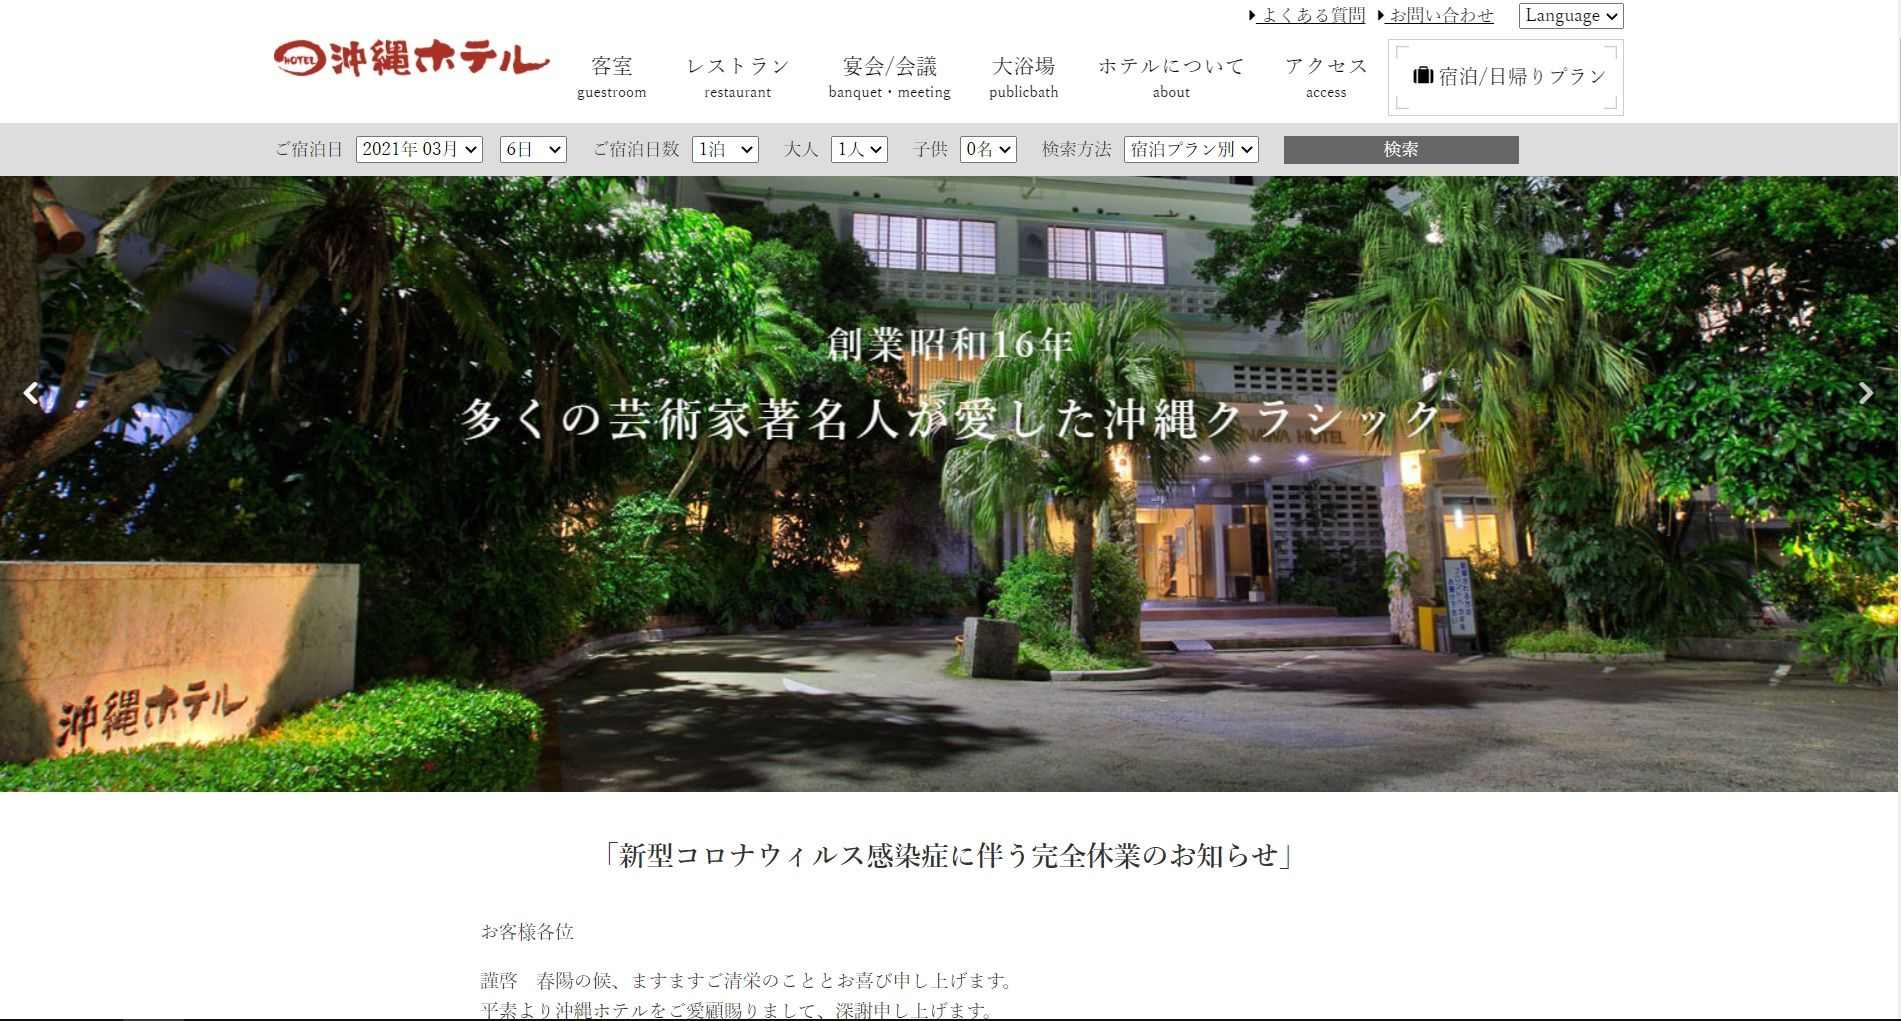 沖縄 ホテル 休業